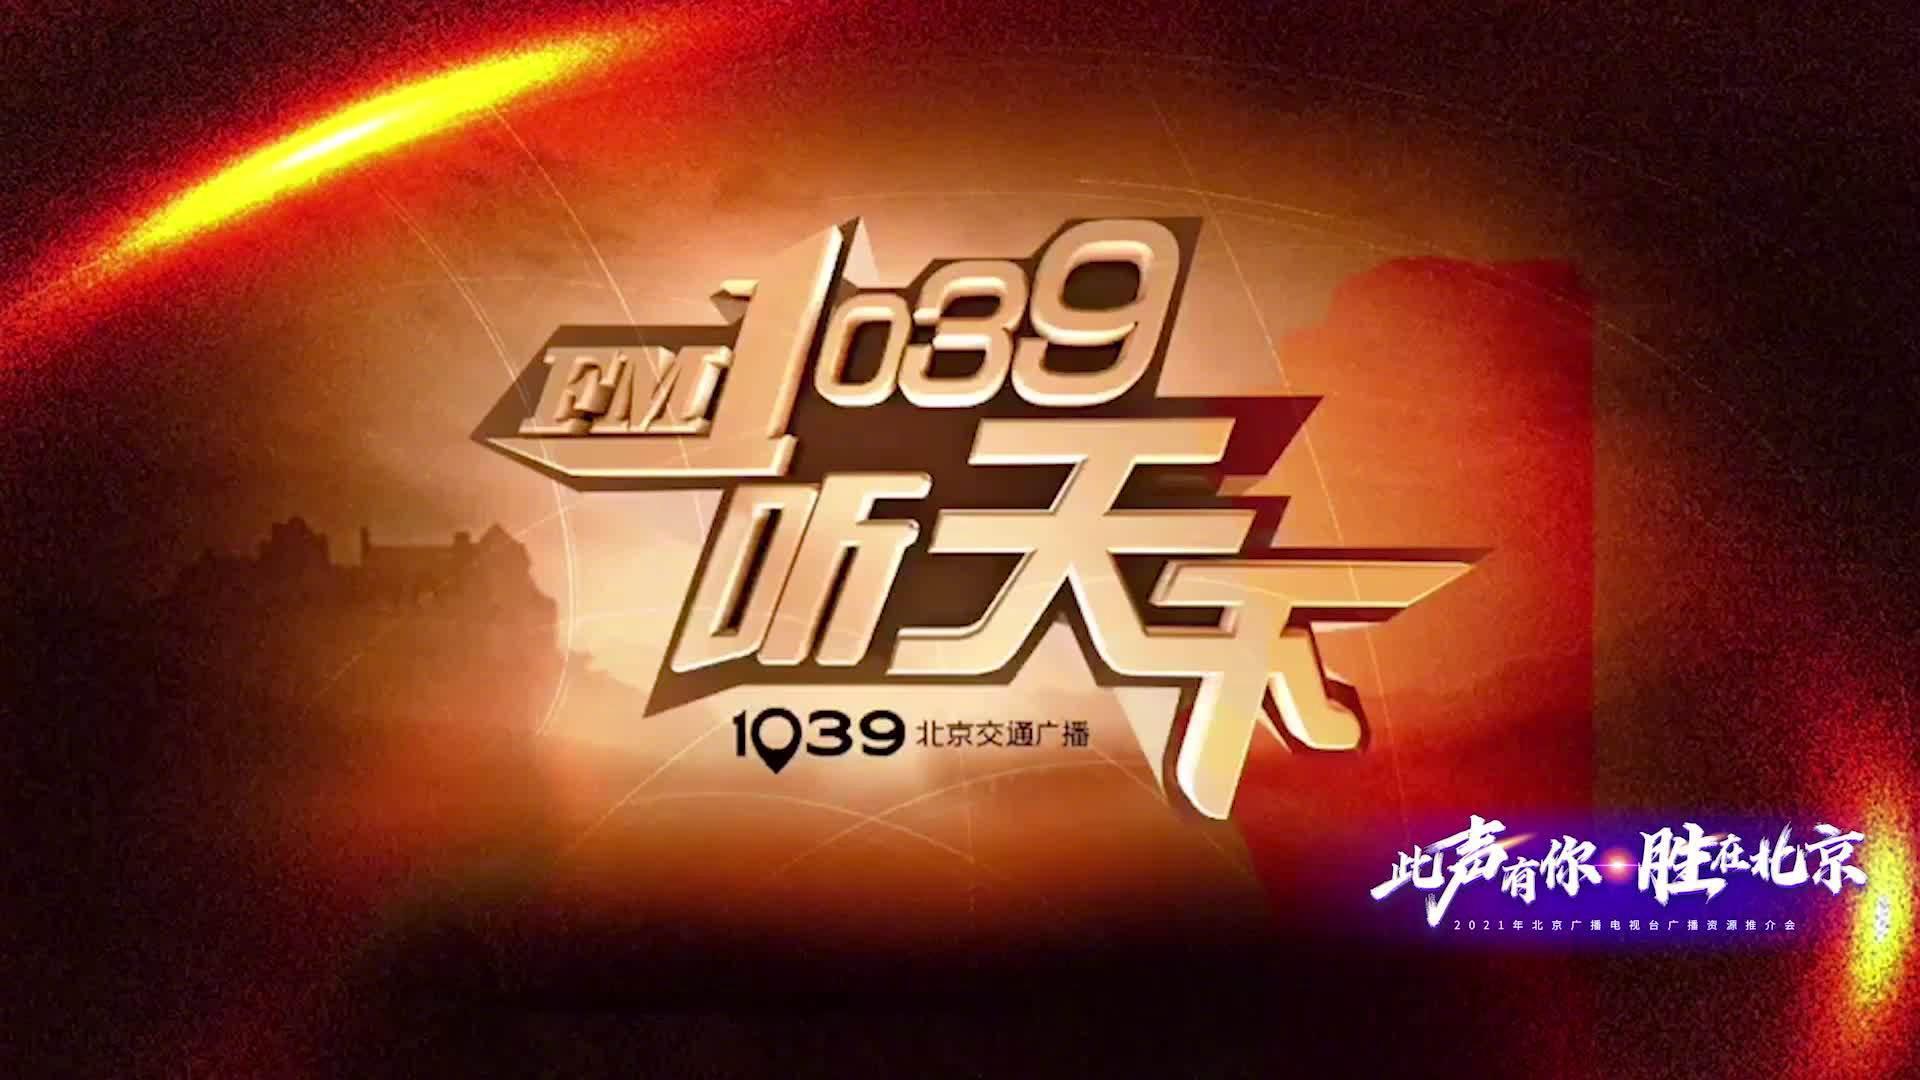 要问北京交通广播最有品的历史文化节目是啥